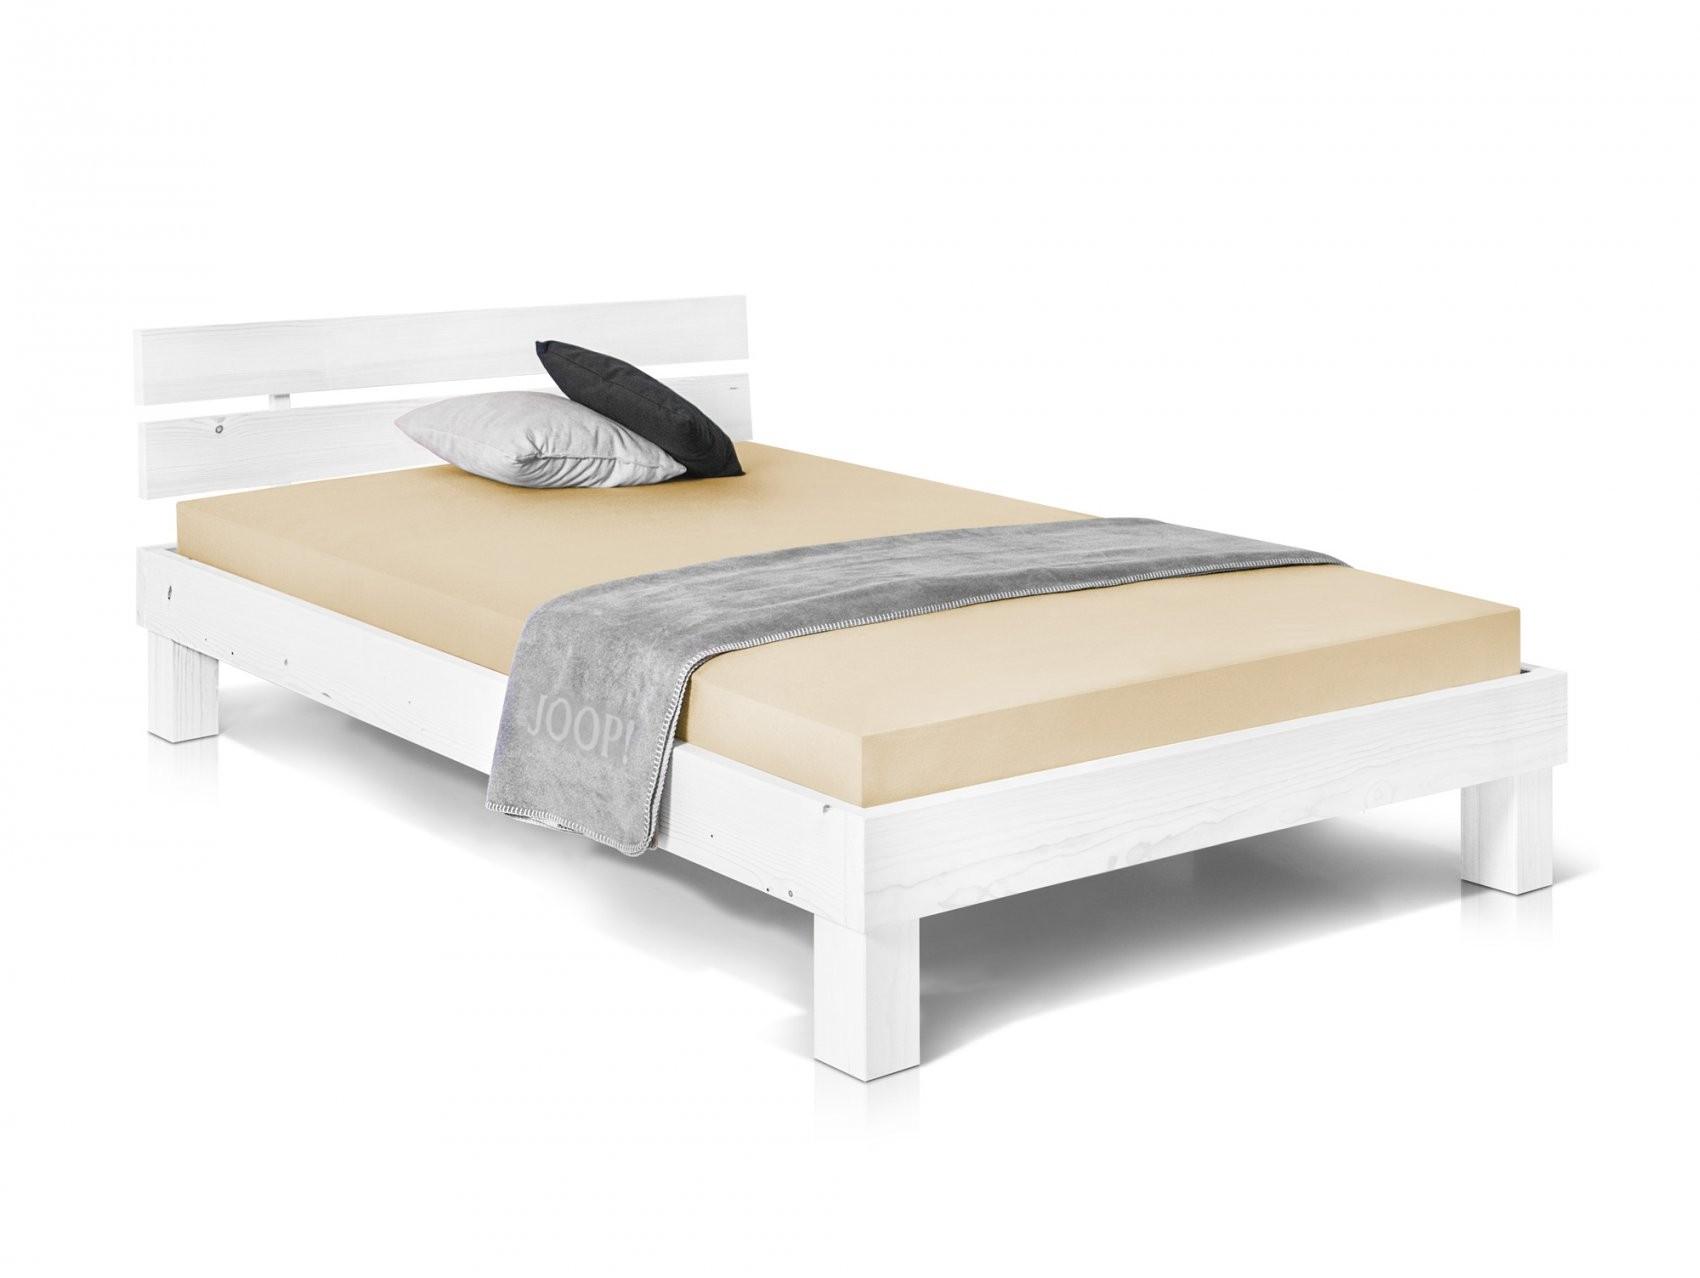 Pumba Singlebett Bett Futonbett 120X200 Fichte Massiv Weiß Weiss von Bett 120X200 Weiß Holz Bild